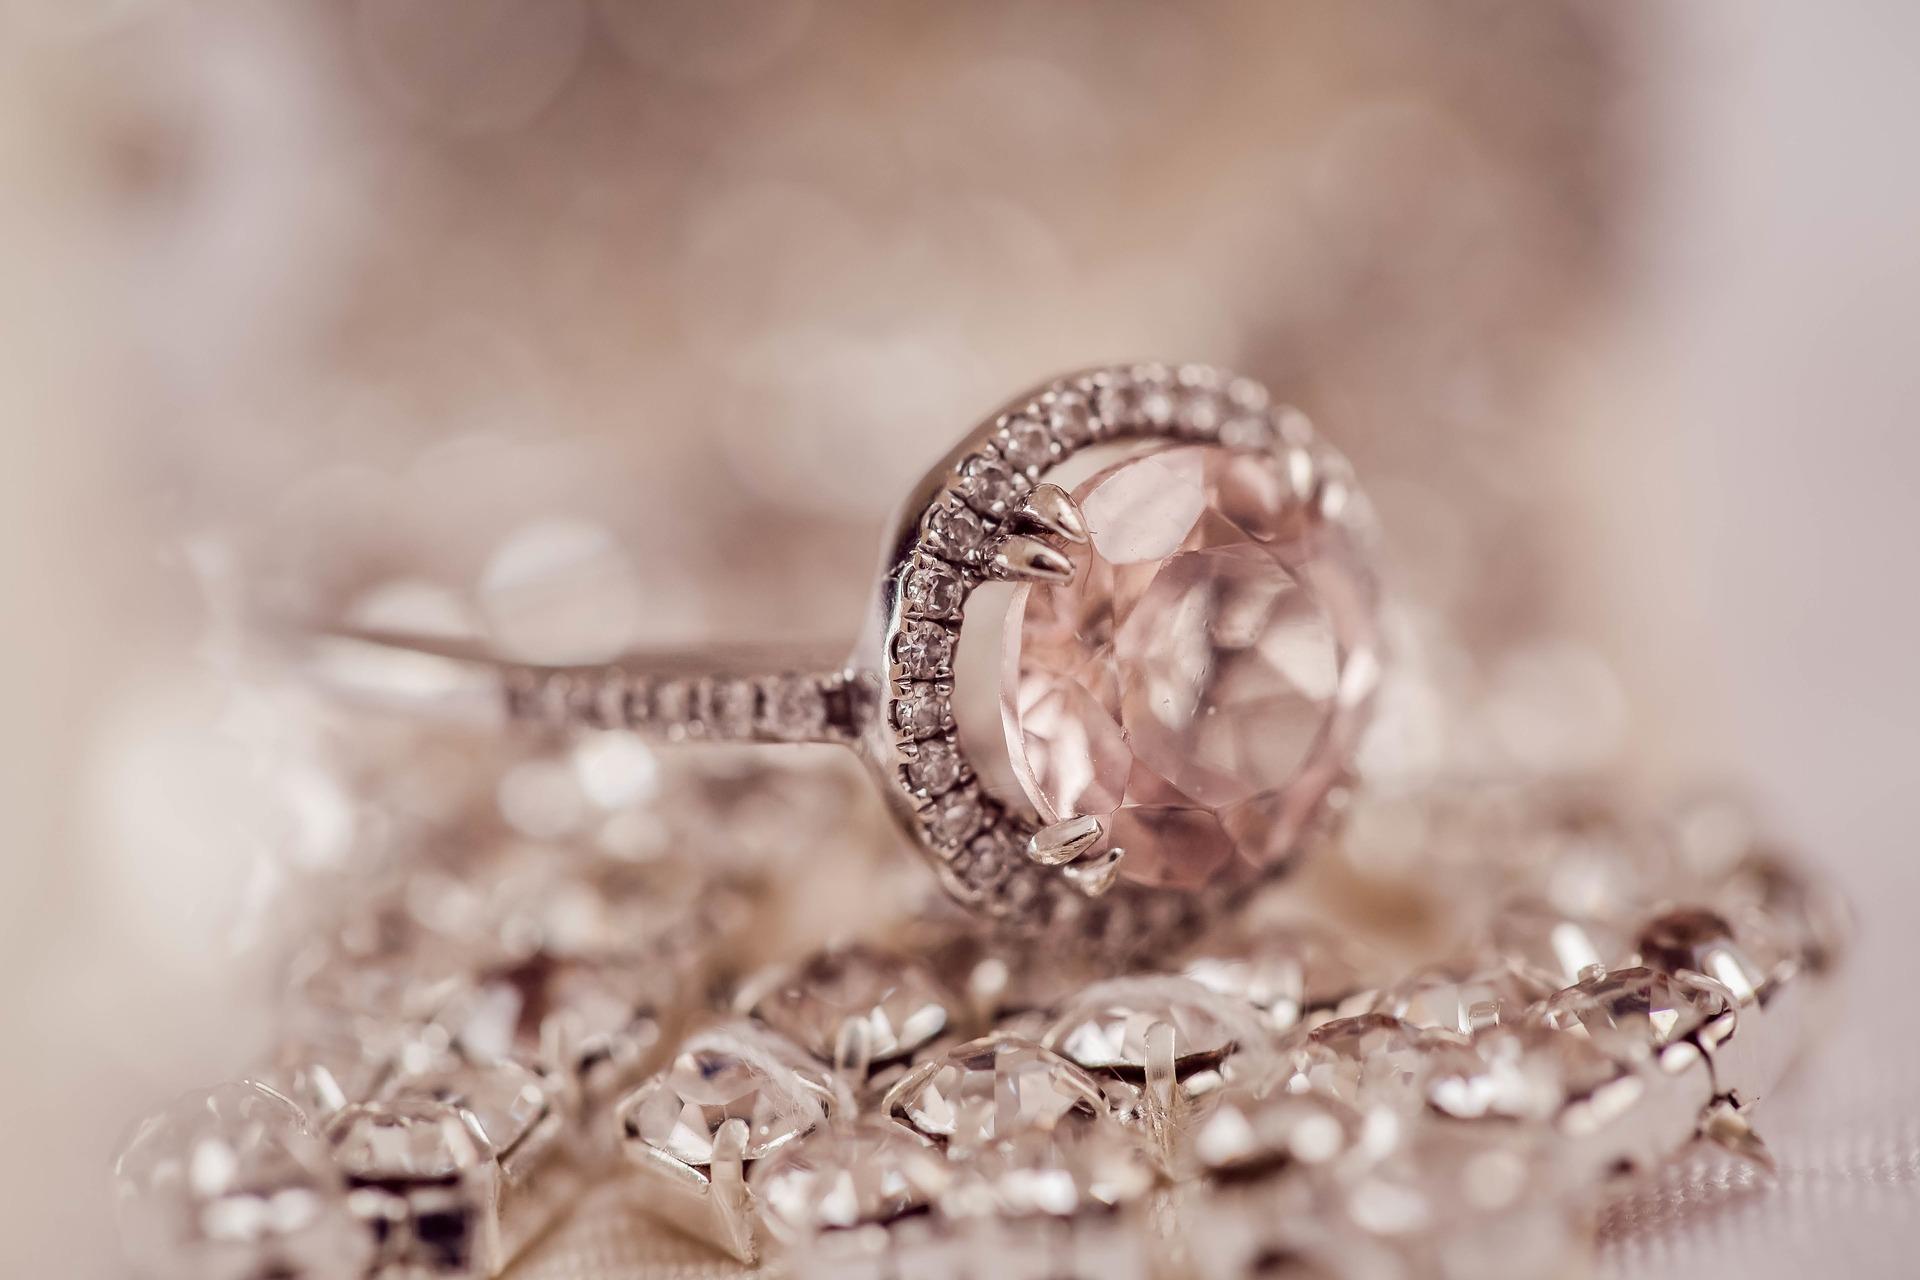 jewelry insurance claim